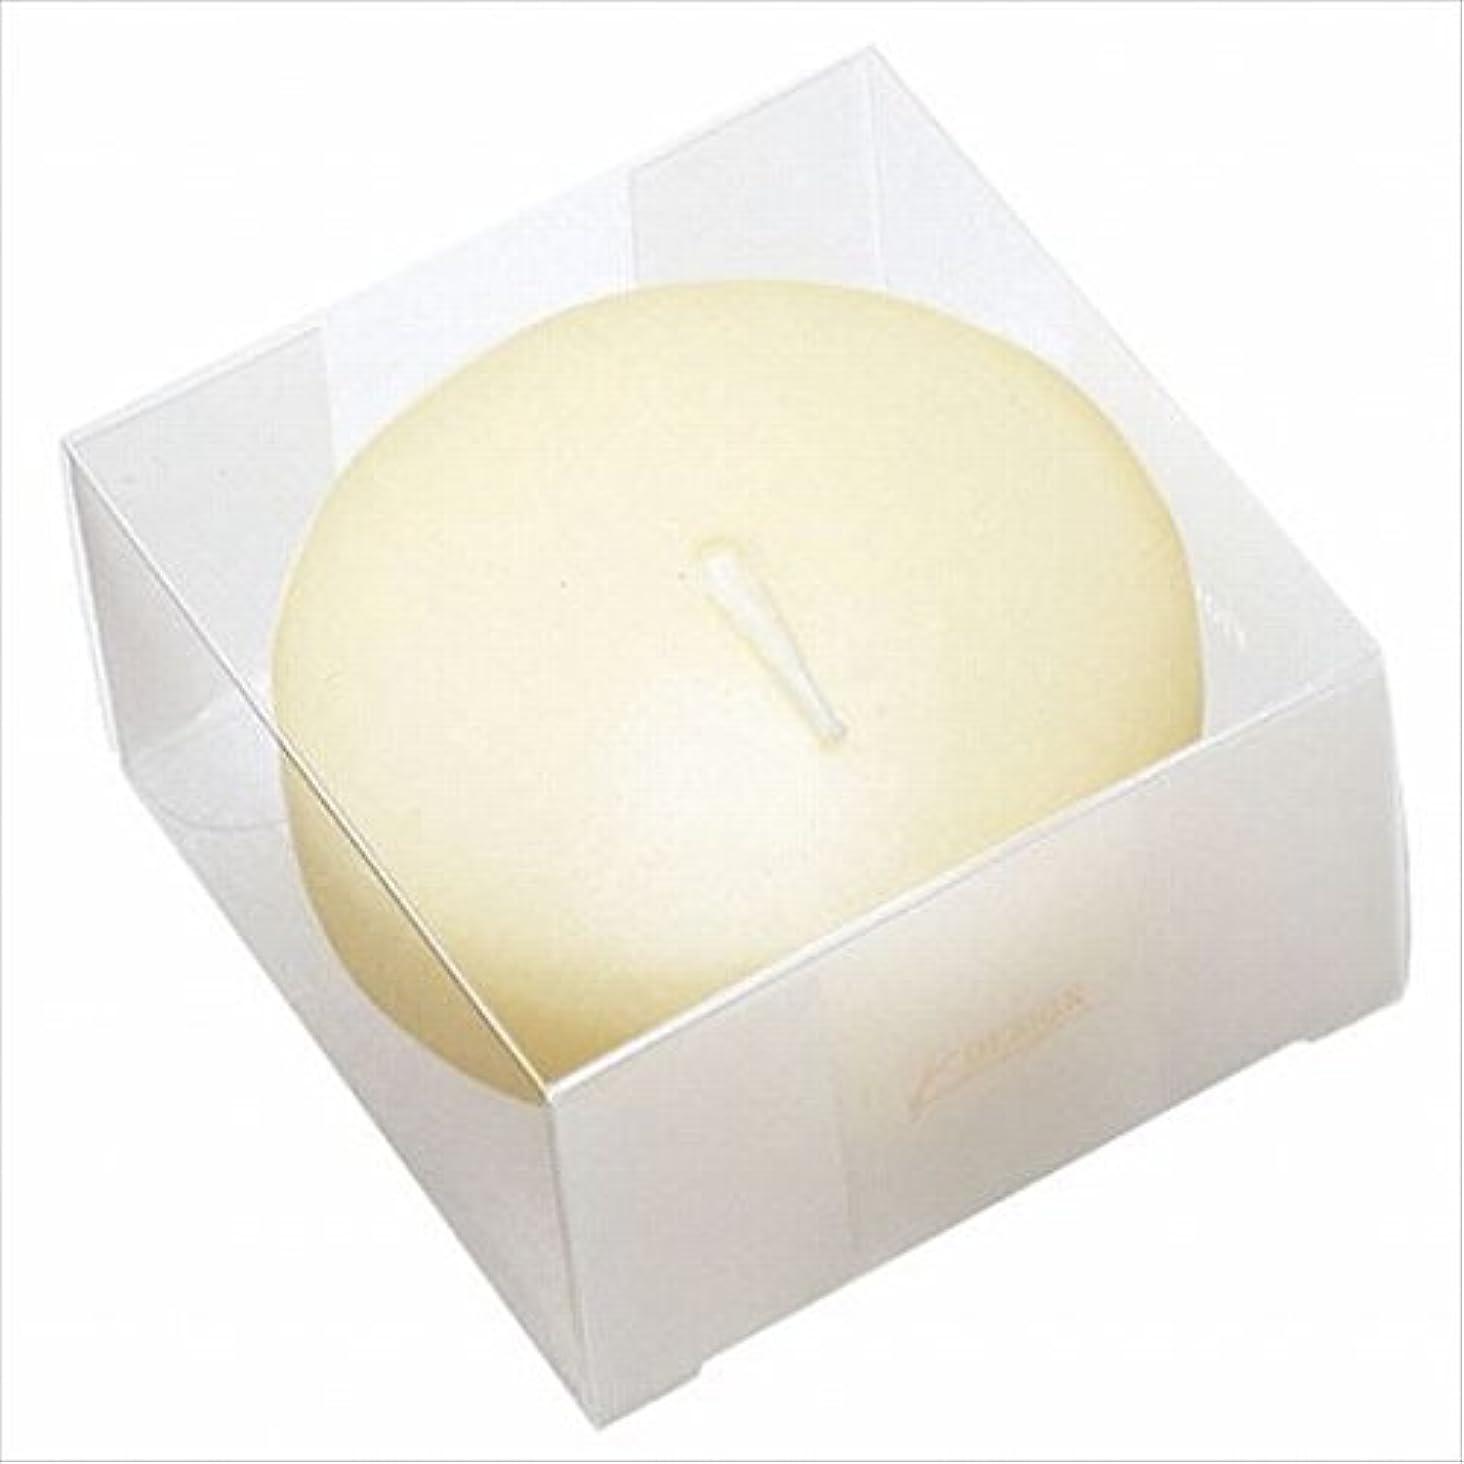 素敵な高さ奇妙なカメヤマキャンドル( kameyama candle ) プール80 (箱入り) 「 アイボリー 」 キャンドル